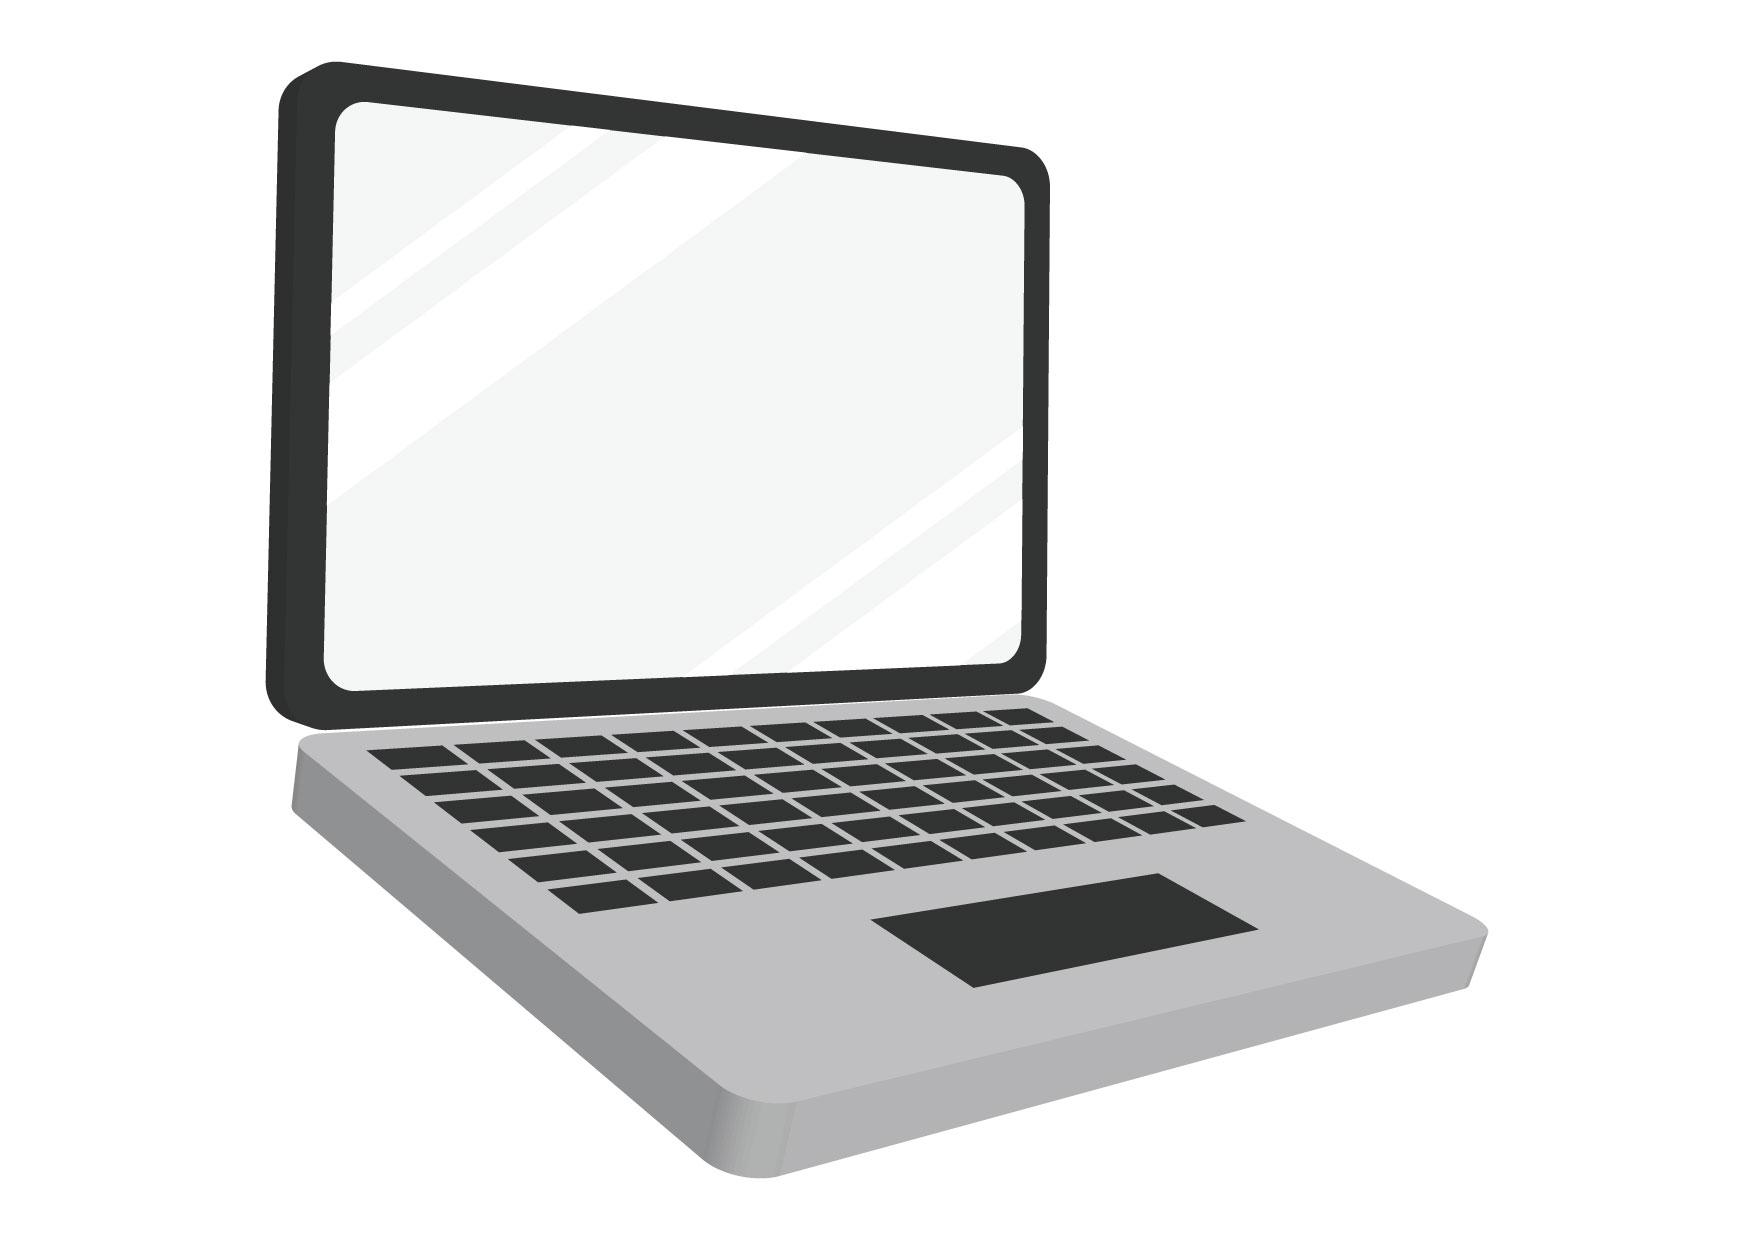 可愛いイラスト無料|ノートパソコン − free illustration laptop